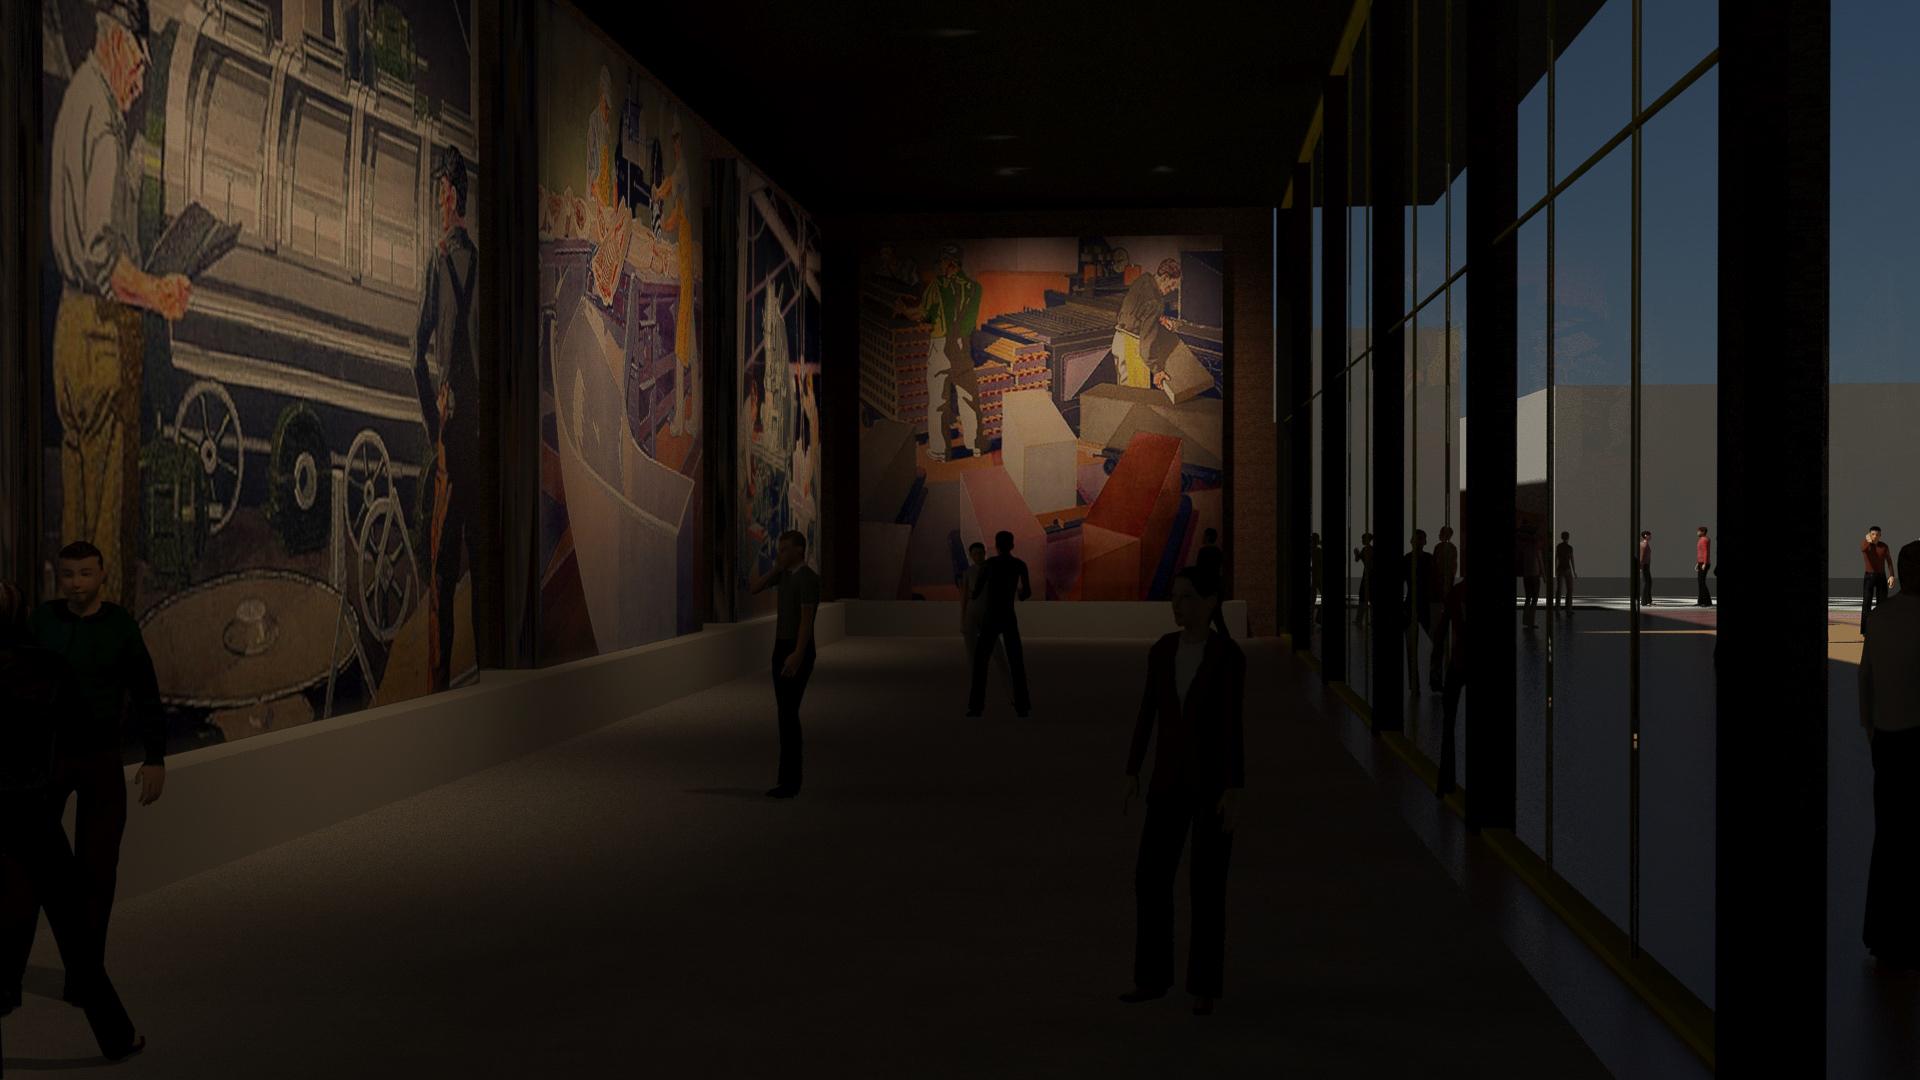 murals-images--9.jpg